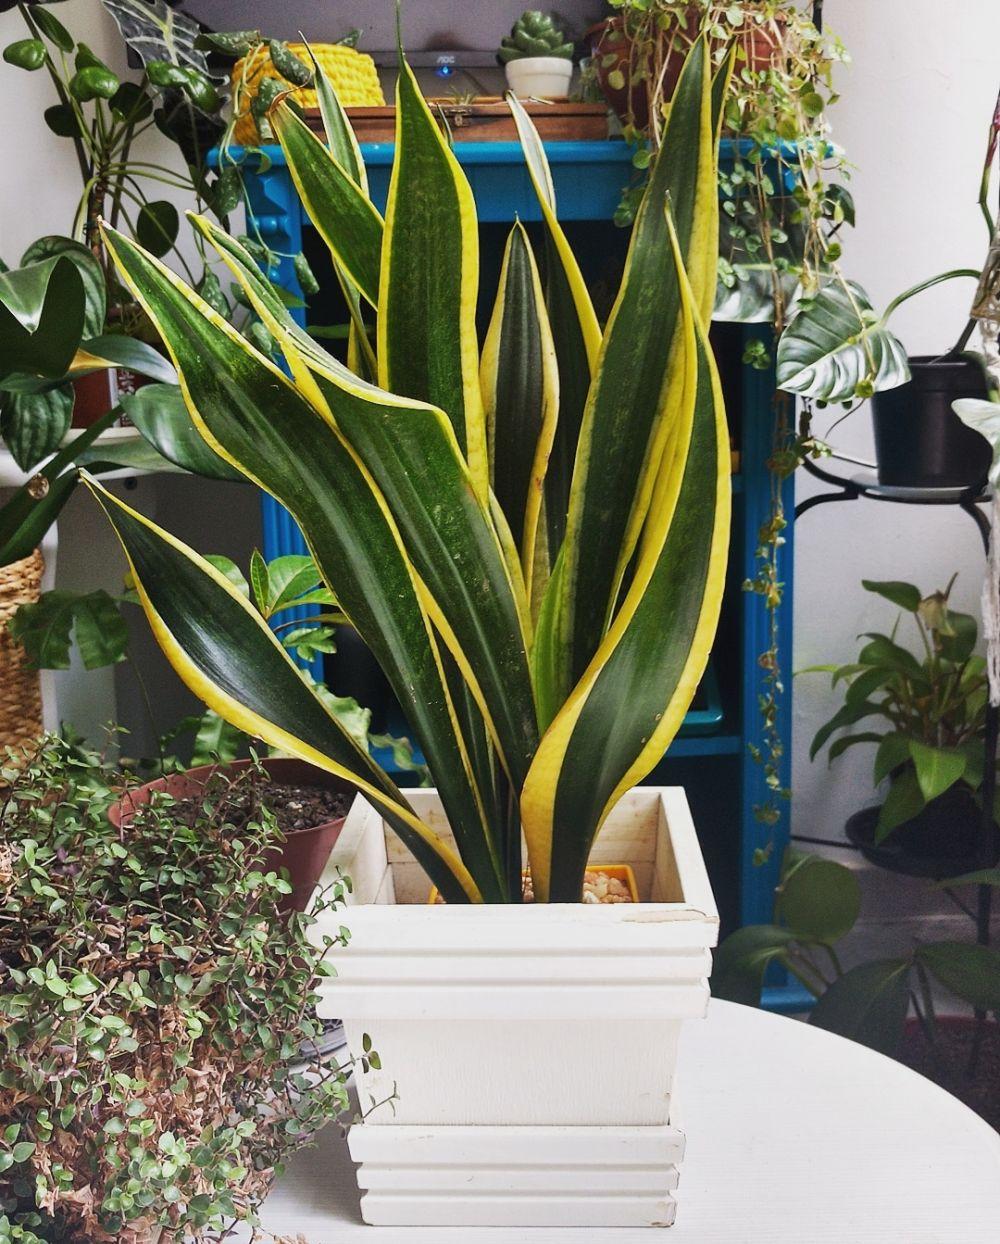 Jenis tanaman lidah mertua indoor © Instagram